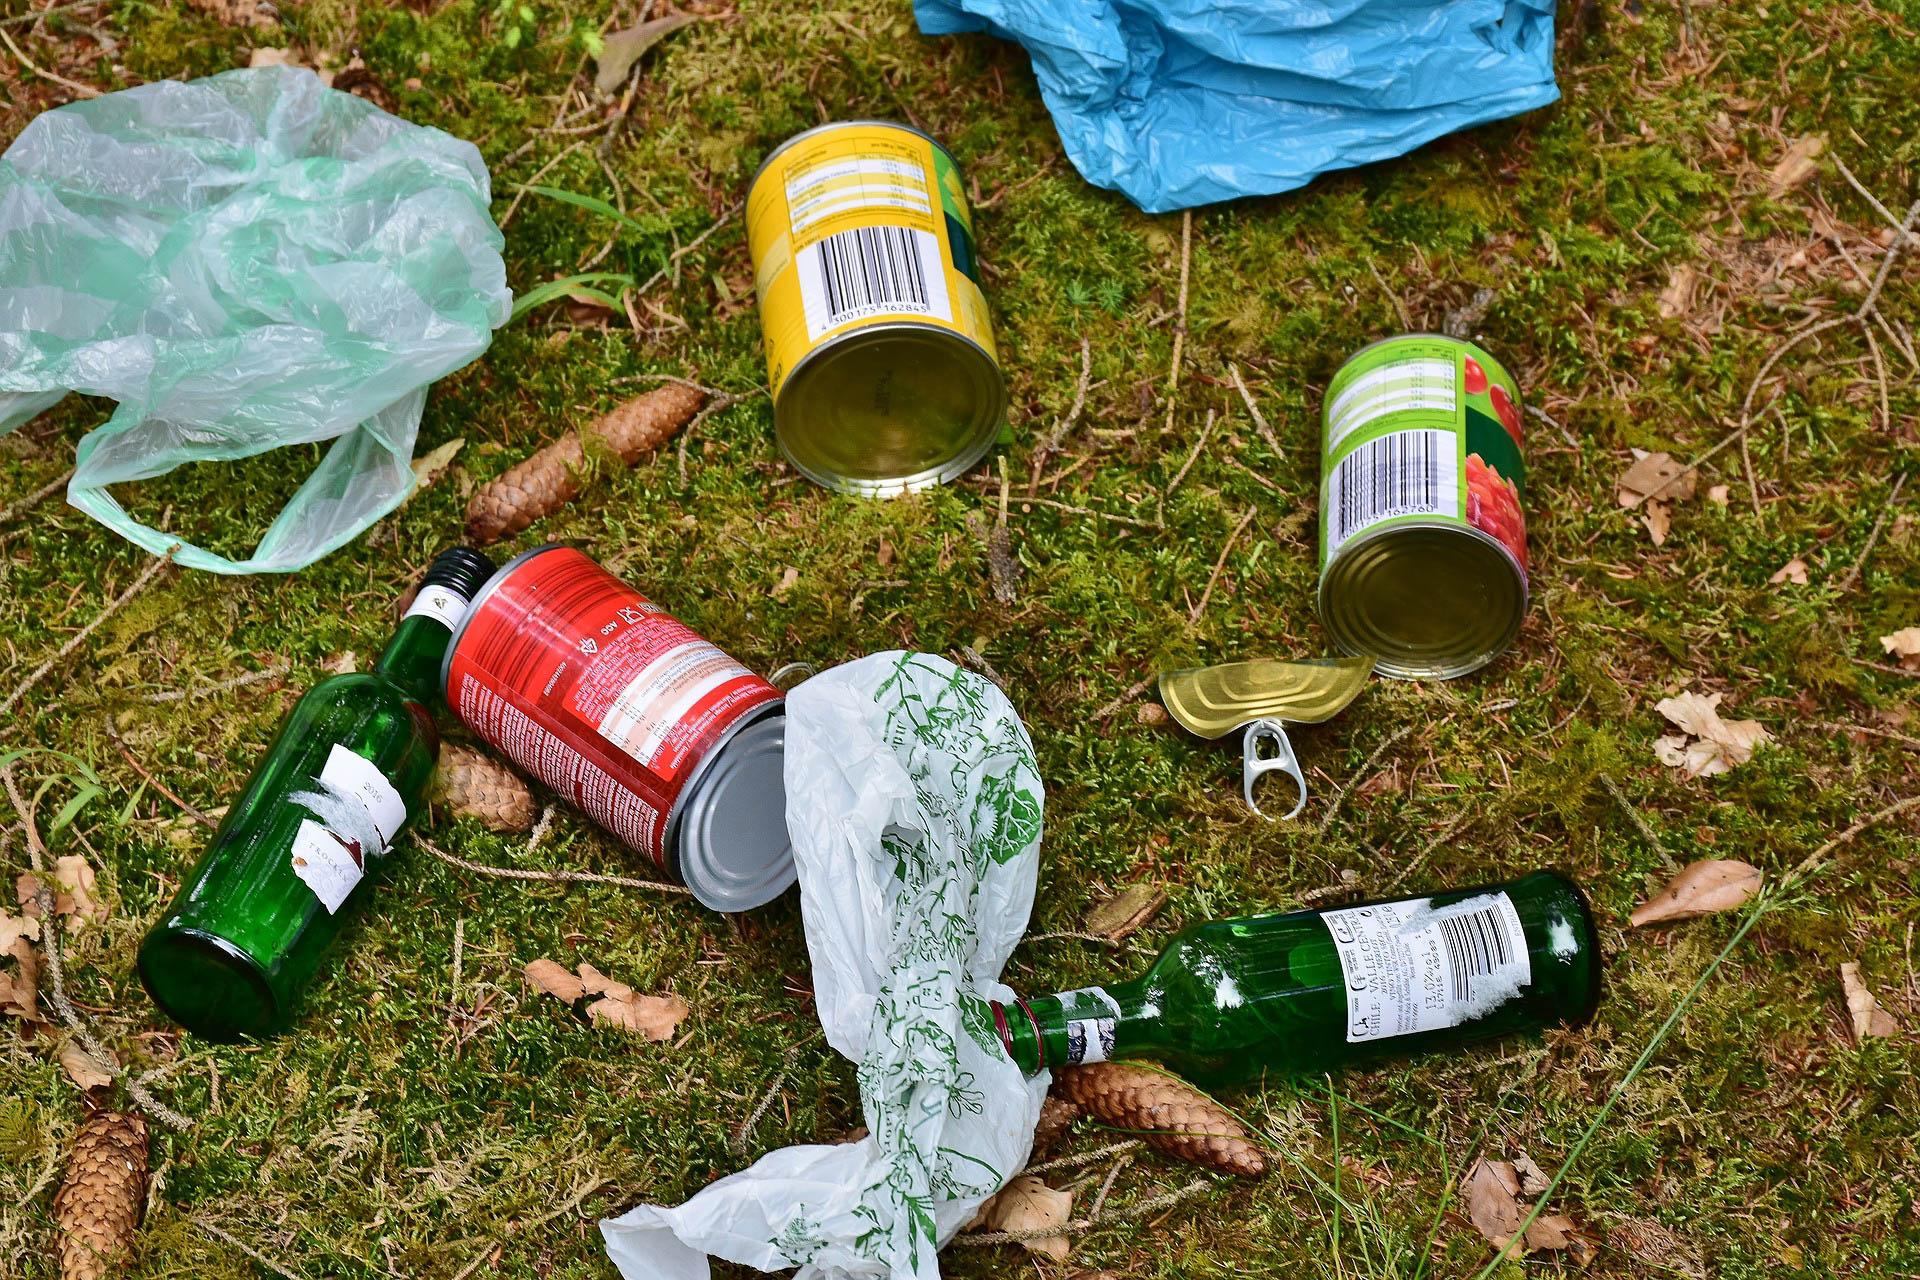 Vastuullinen retkeilijä kantaa omat roskansa, mielellään vähän enemmänkin